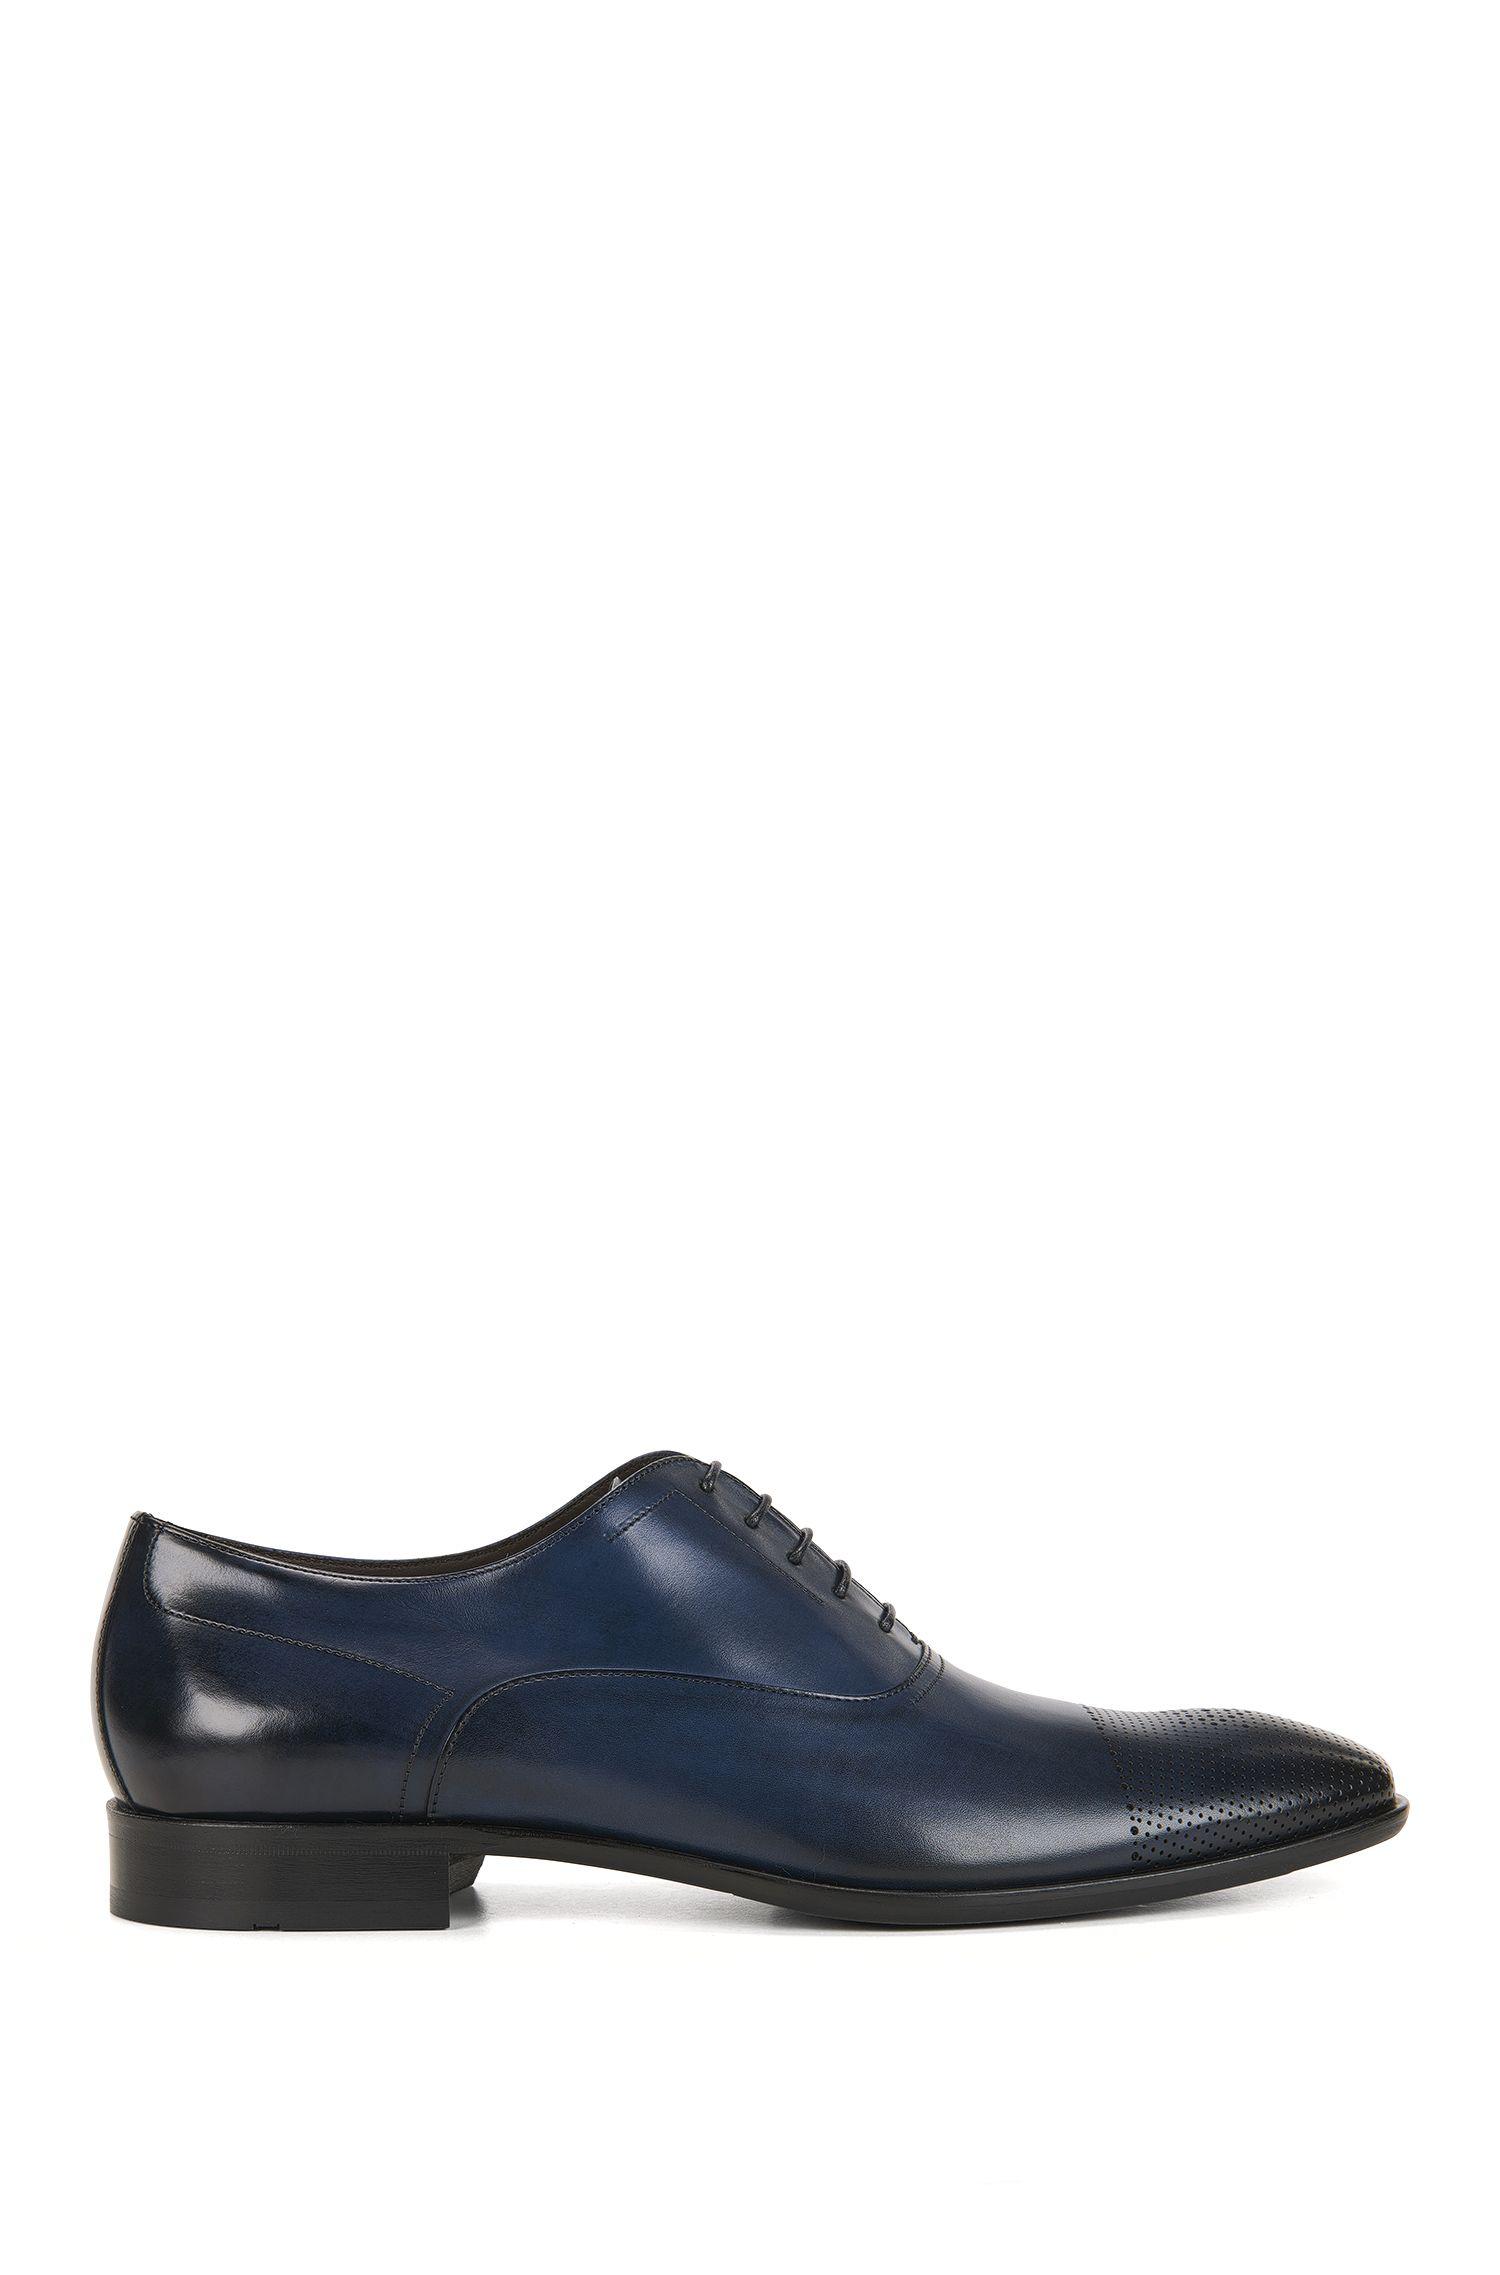 Chaussures Oxford en cuir à bout droit découpé au laser